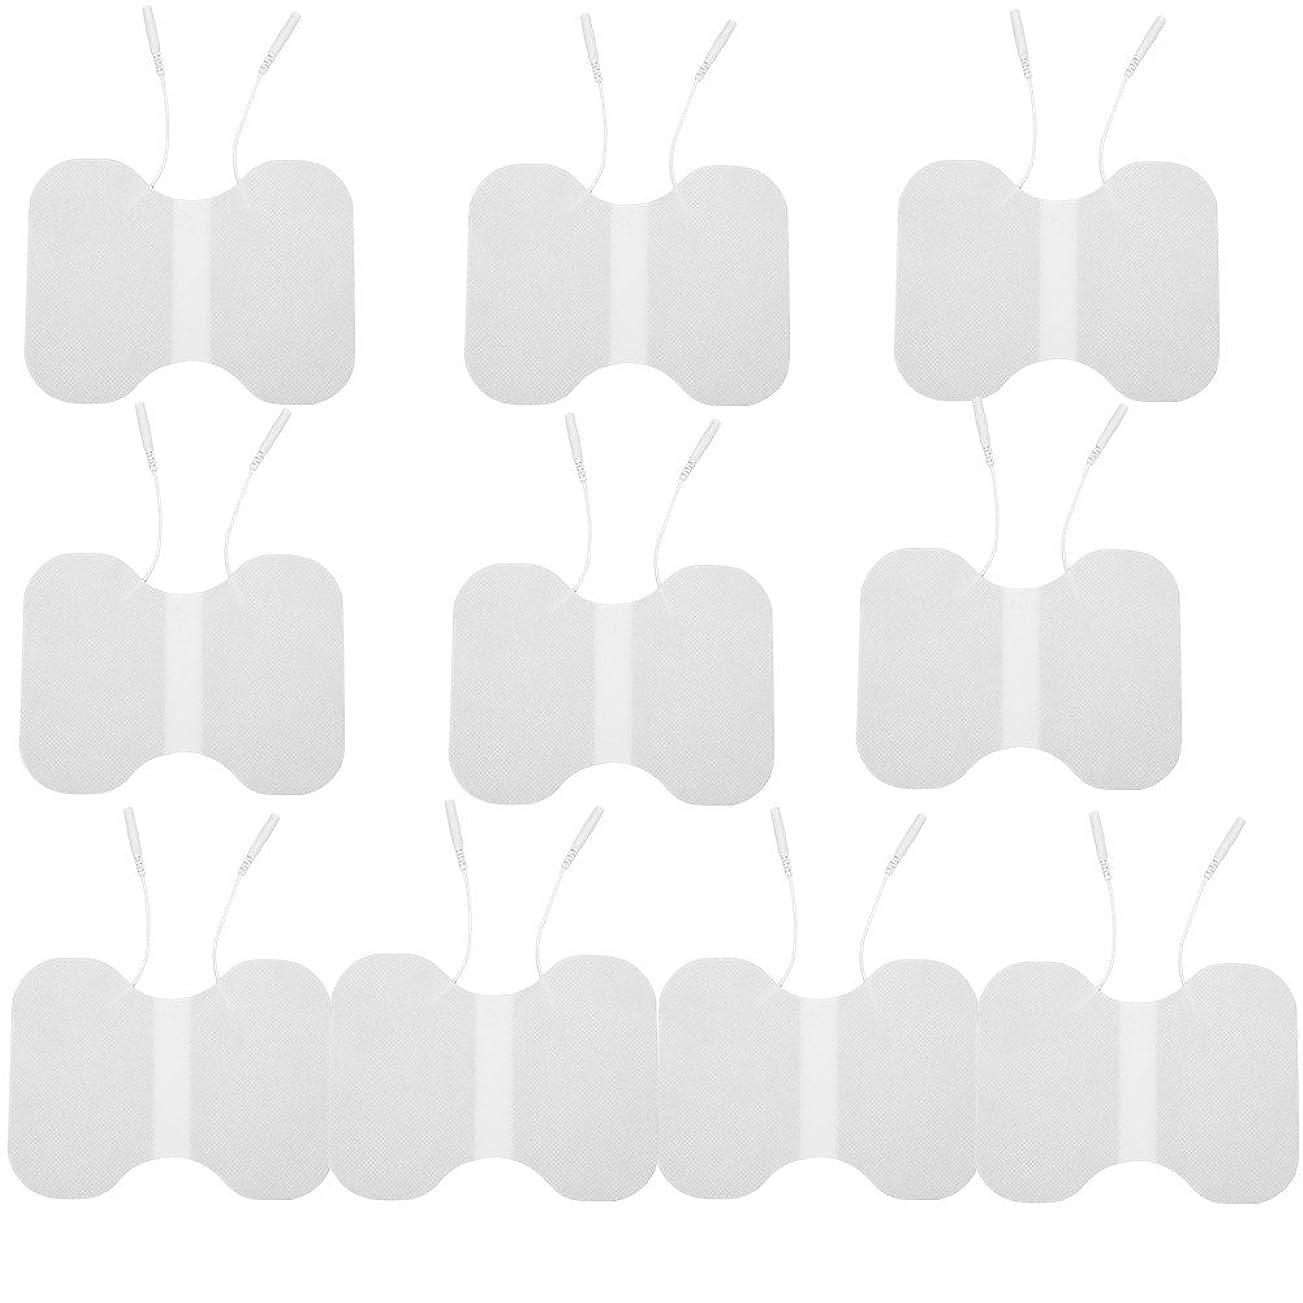 スライス観客差別電極パッド、1Pc再利用可能な自己接着性電極パッチが体内の循環を改善し代謝を促進する効果